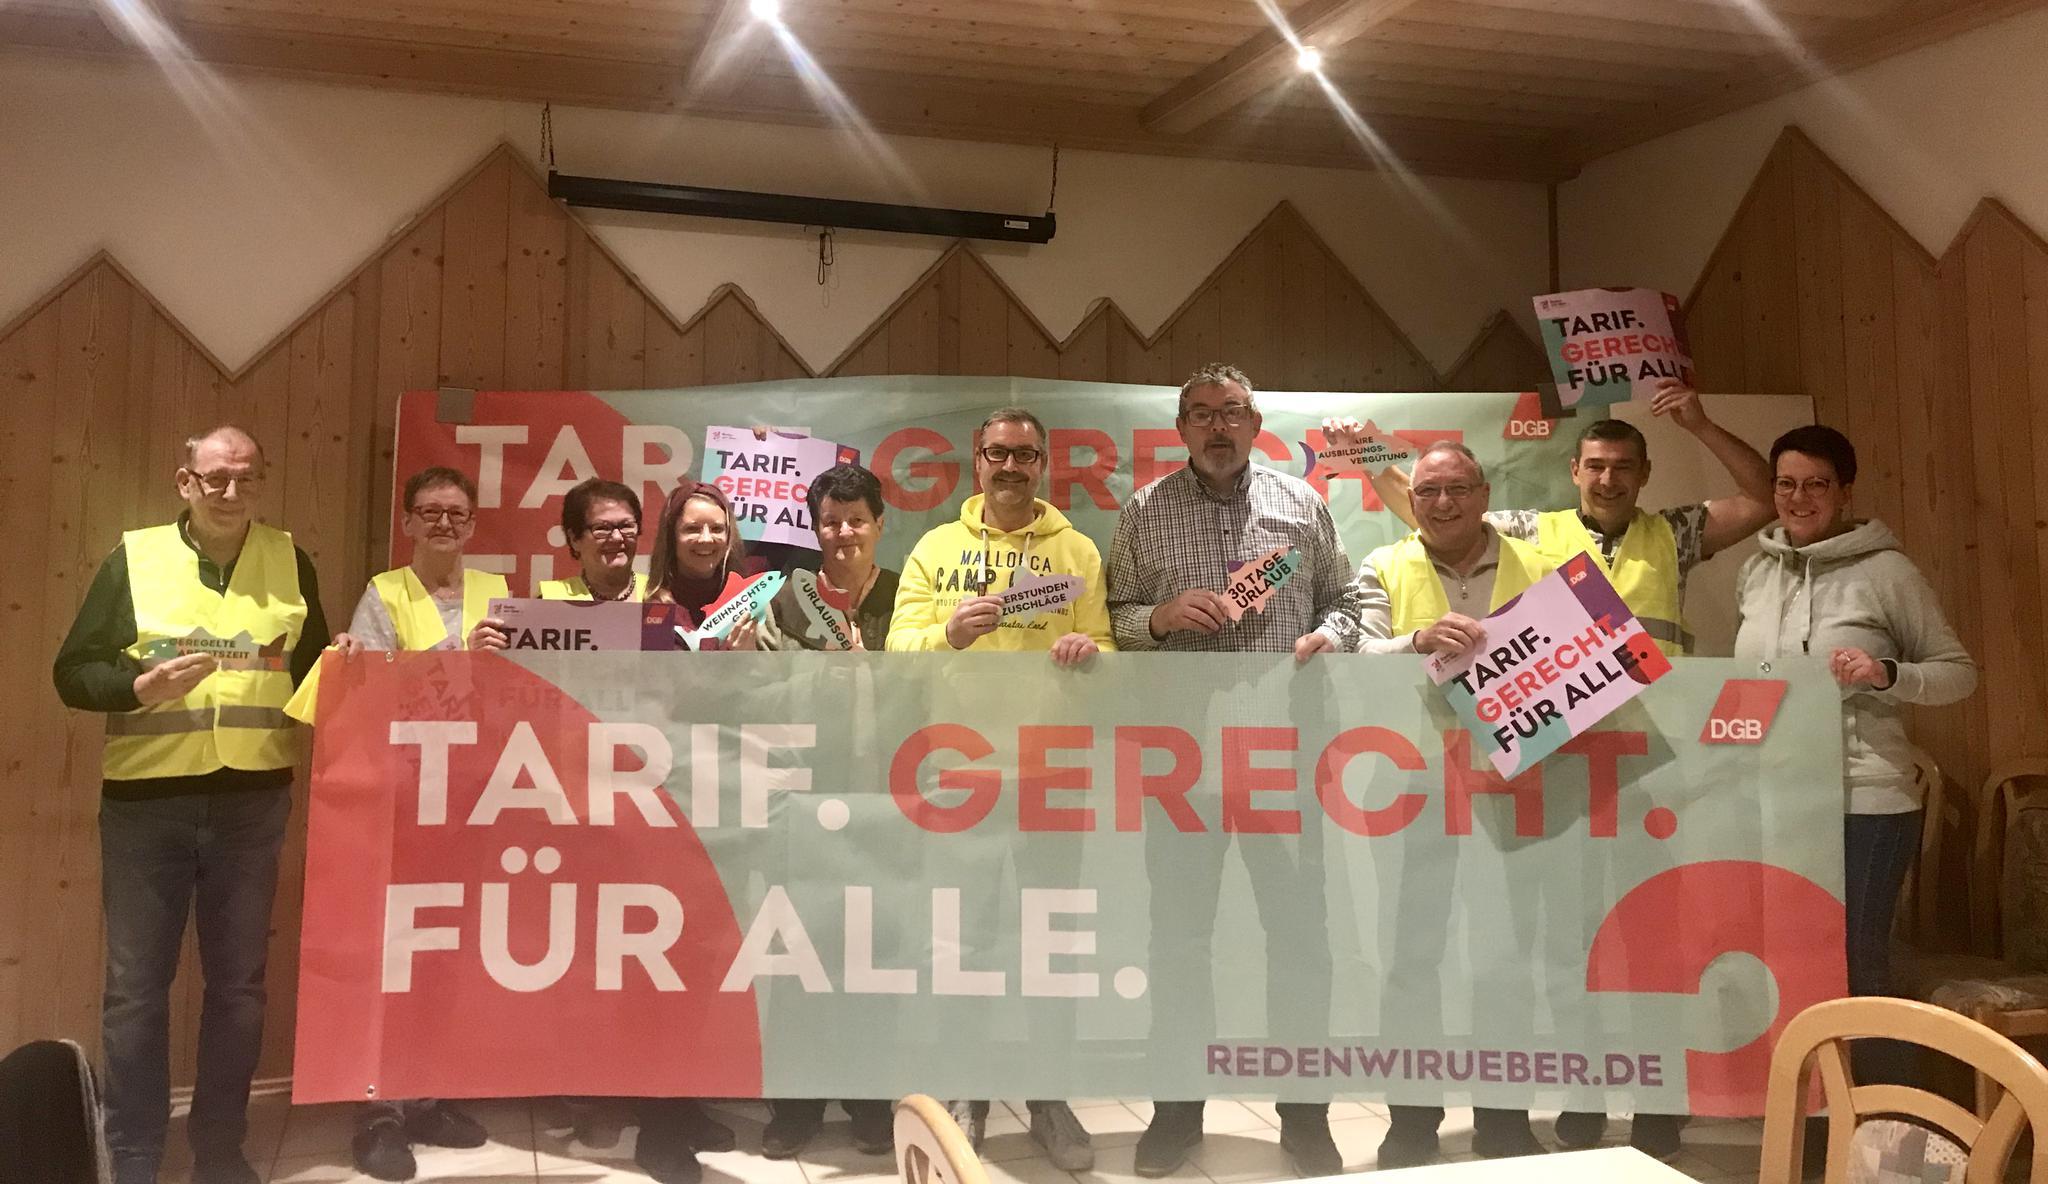 Der Kreisverband in Schwandorf fordert: Tarif.Gerecht.Für alle.